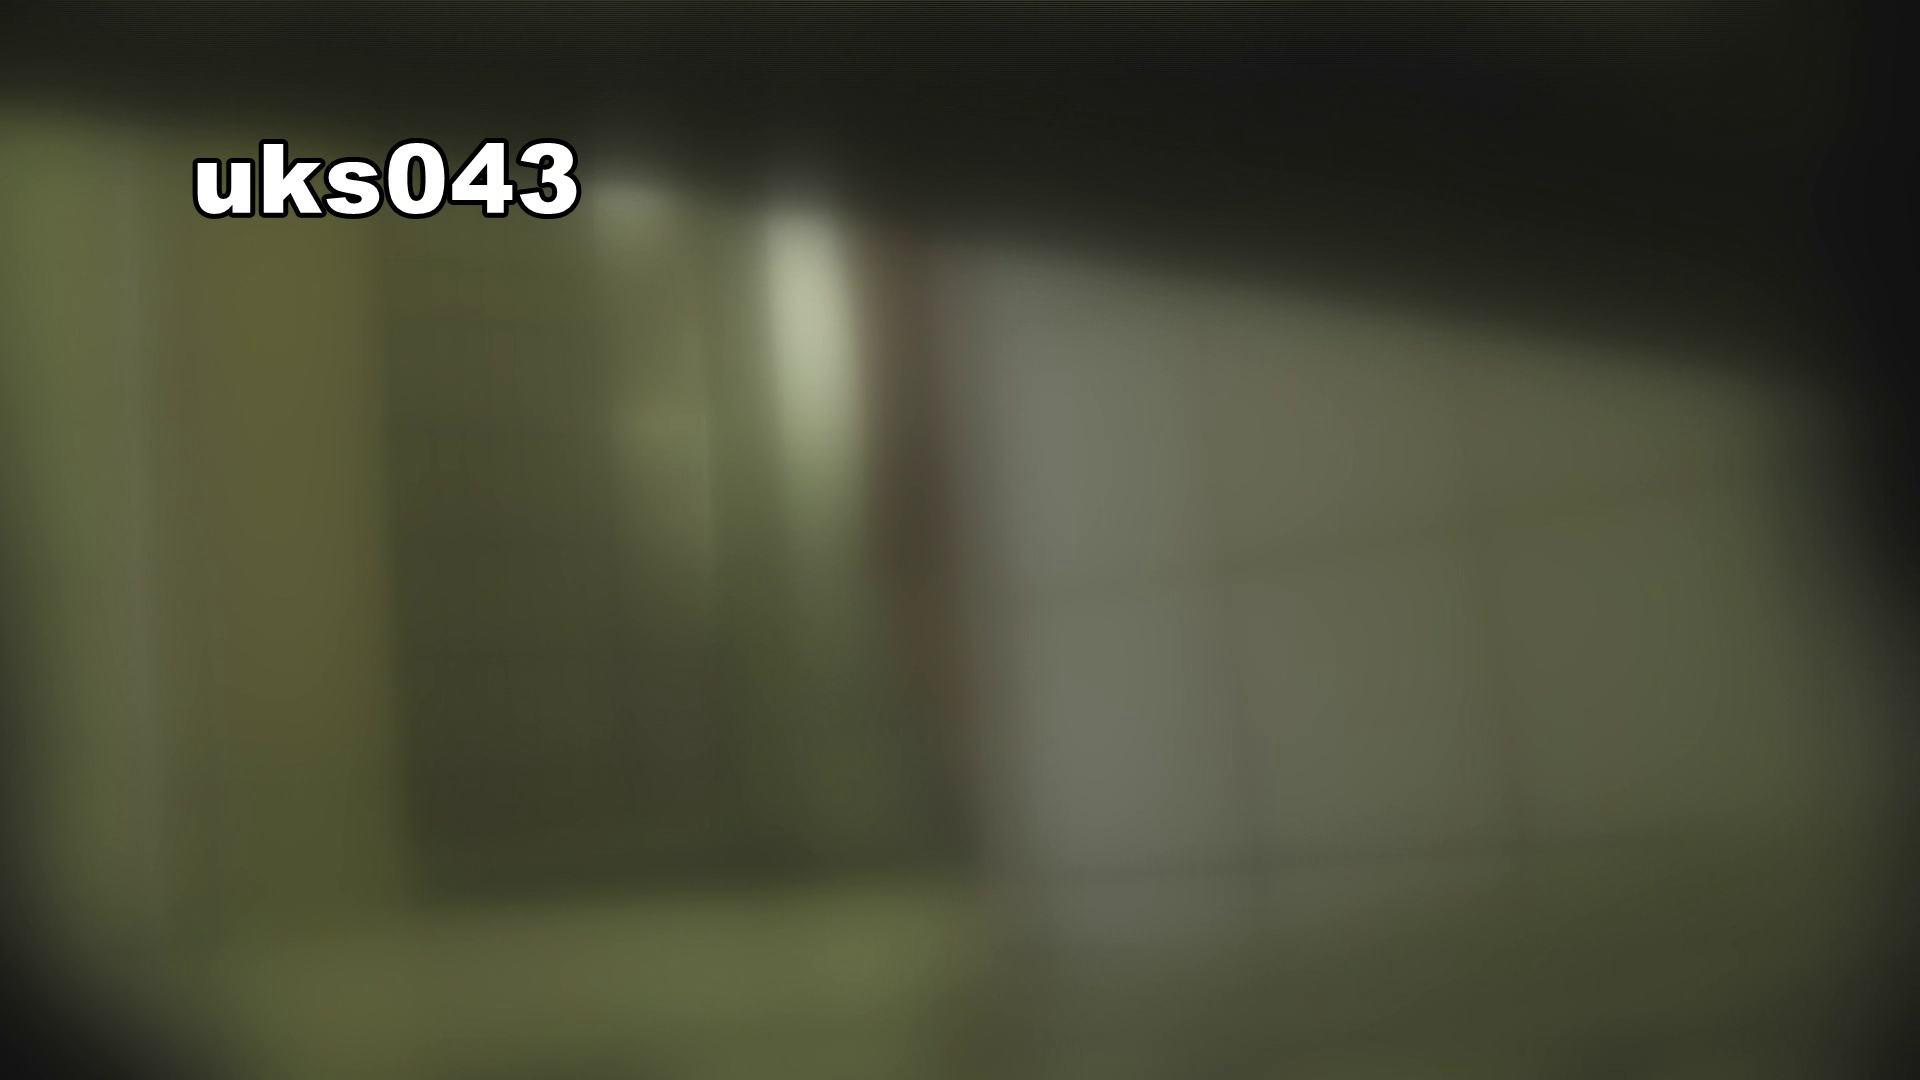 【美しき個室な世界】 vol.043 緊迫状況 OL女体   洗面所  109連発 105